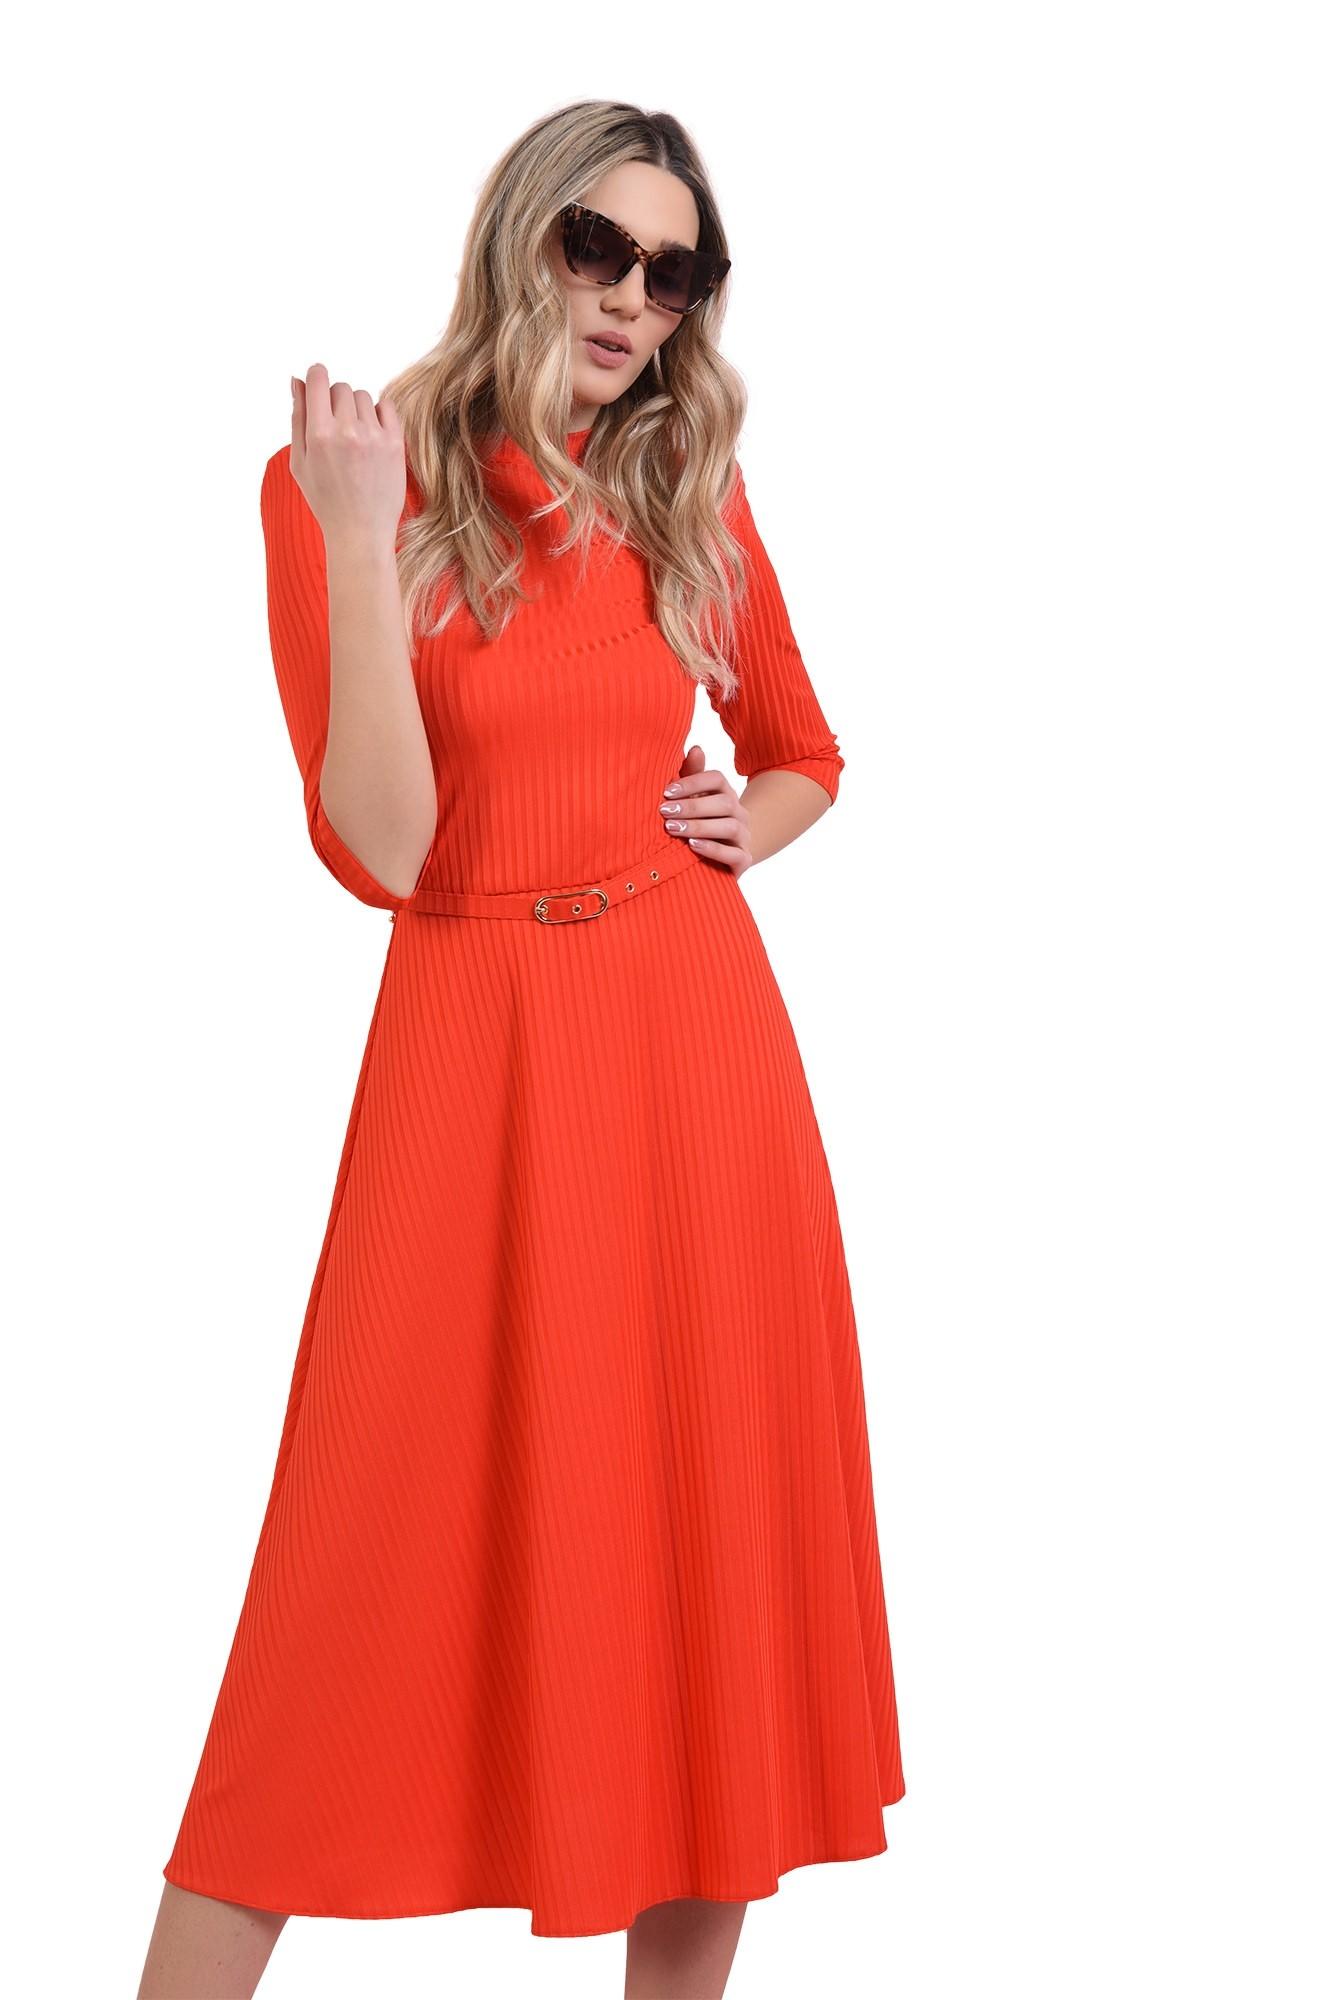 3 - rochie rosie, evazata, cu centura